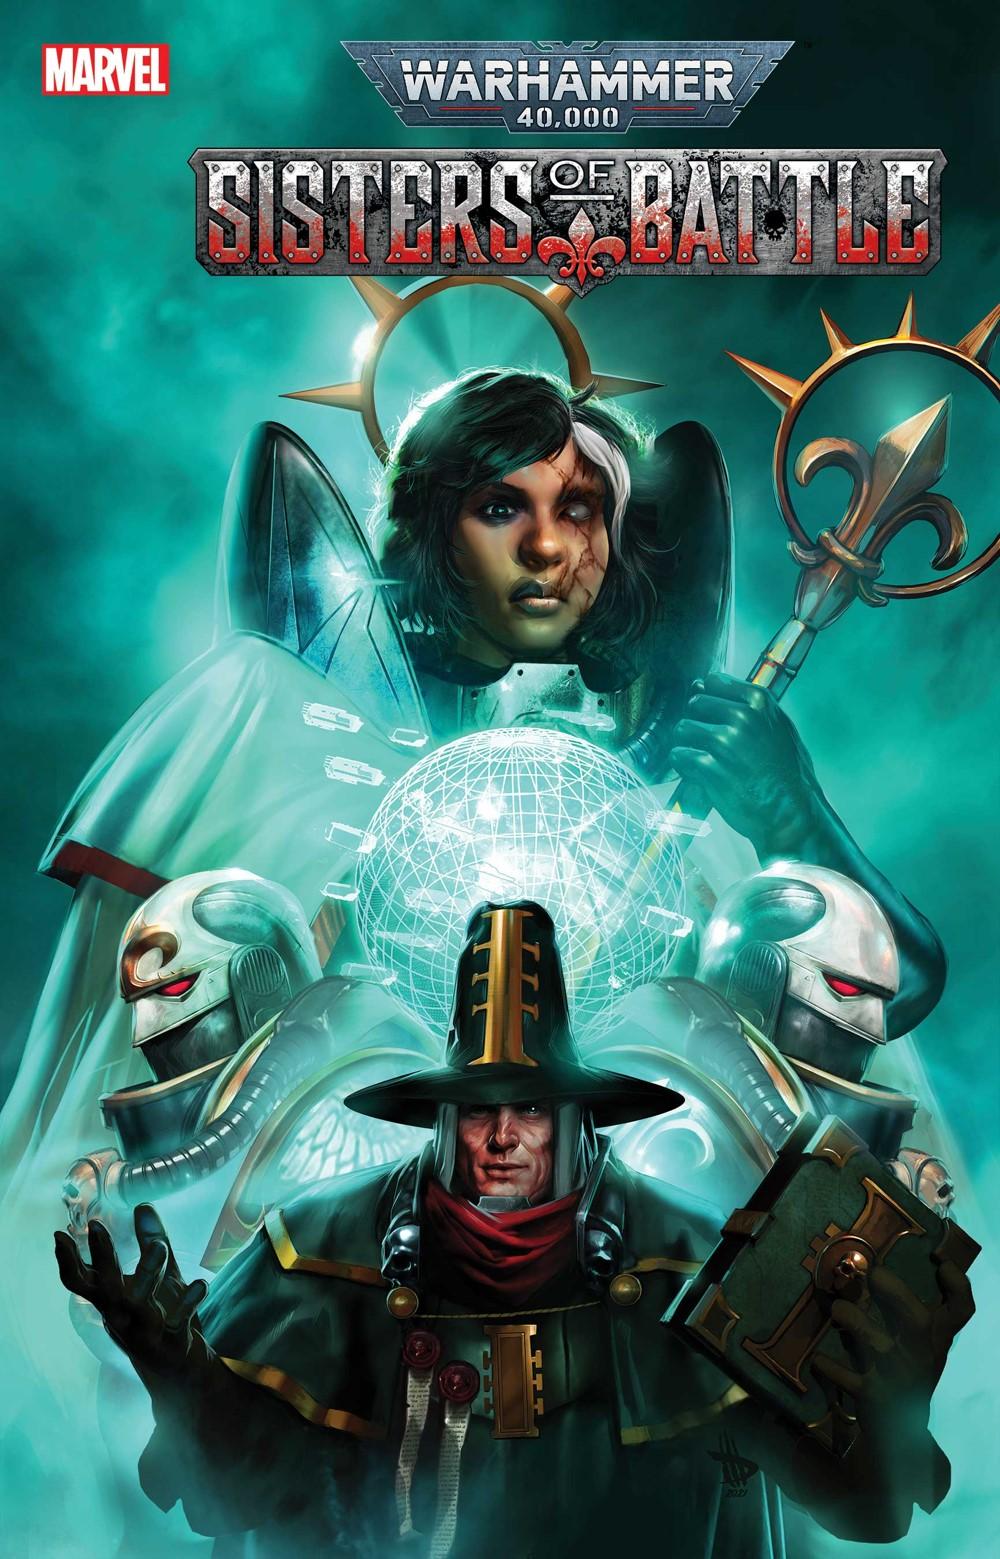 WARHAMMERSOB2021004-WilkinsHR Marvel Comics November 2021 Solicitations